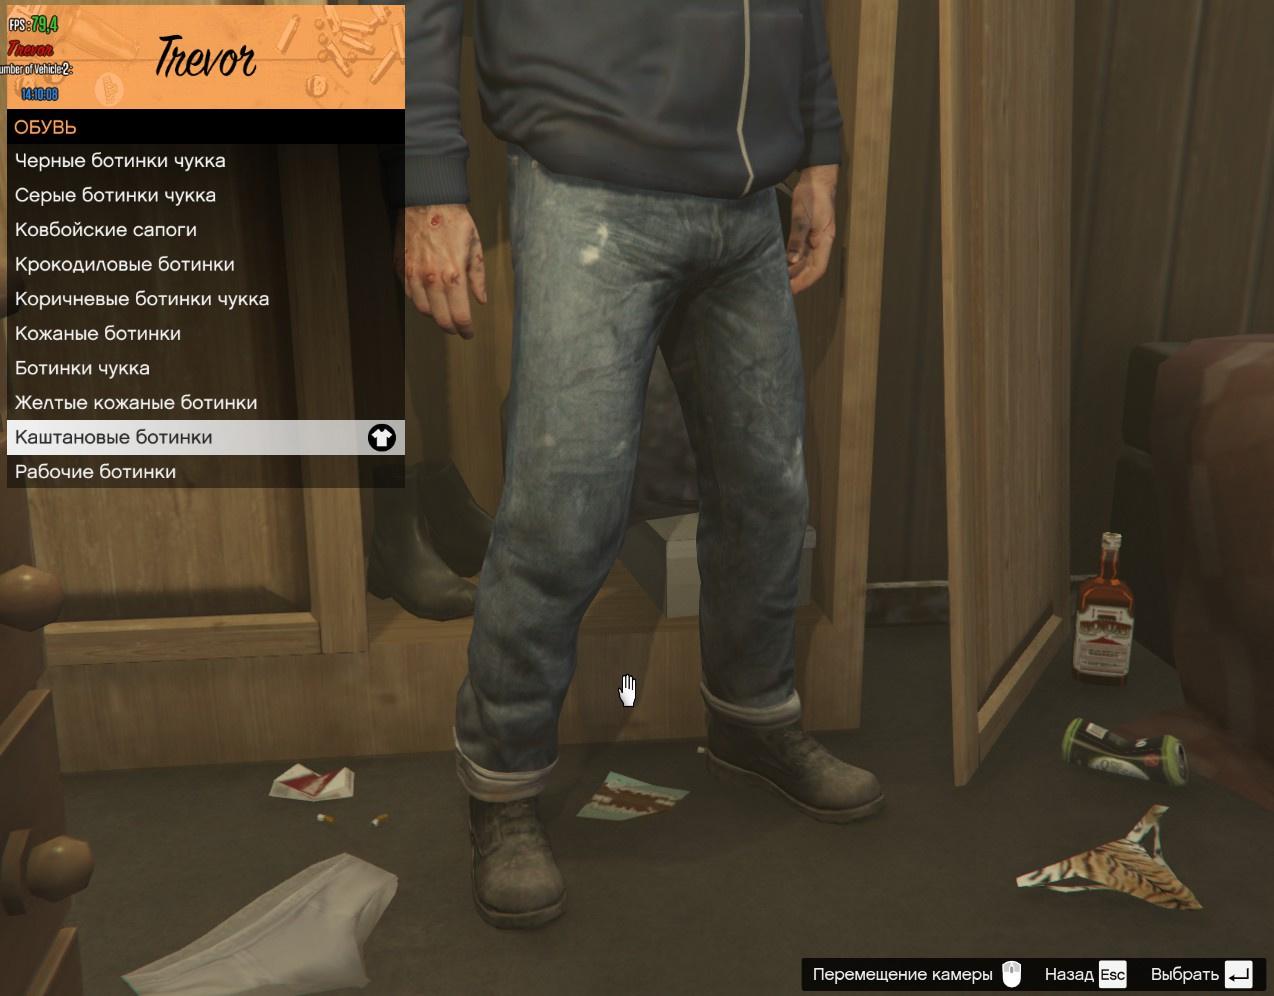 Trevor - Protohipster Clothes Mod - GTA5-Mods.com